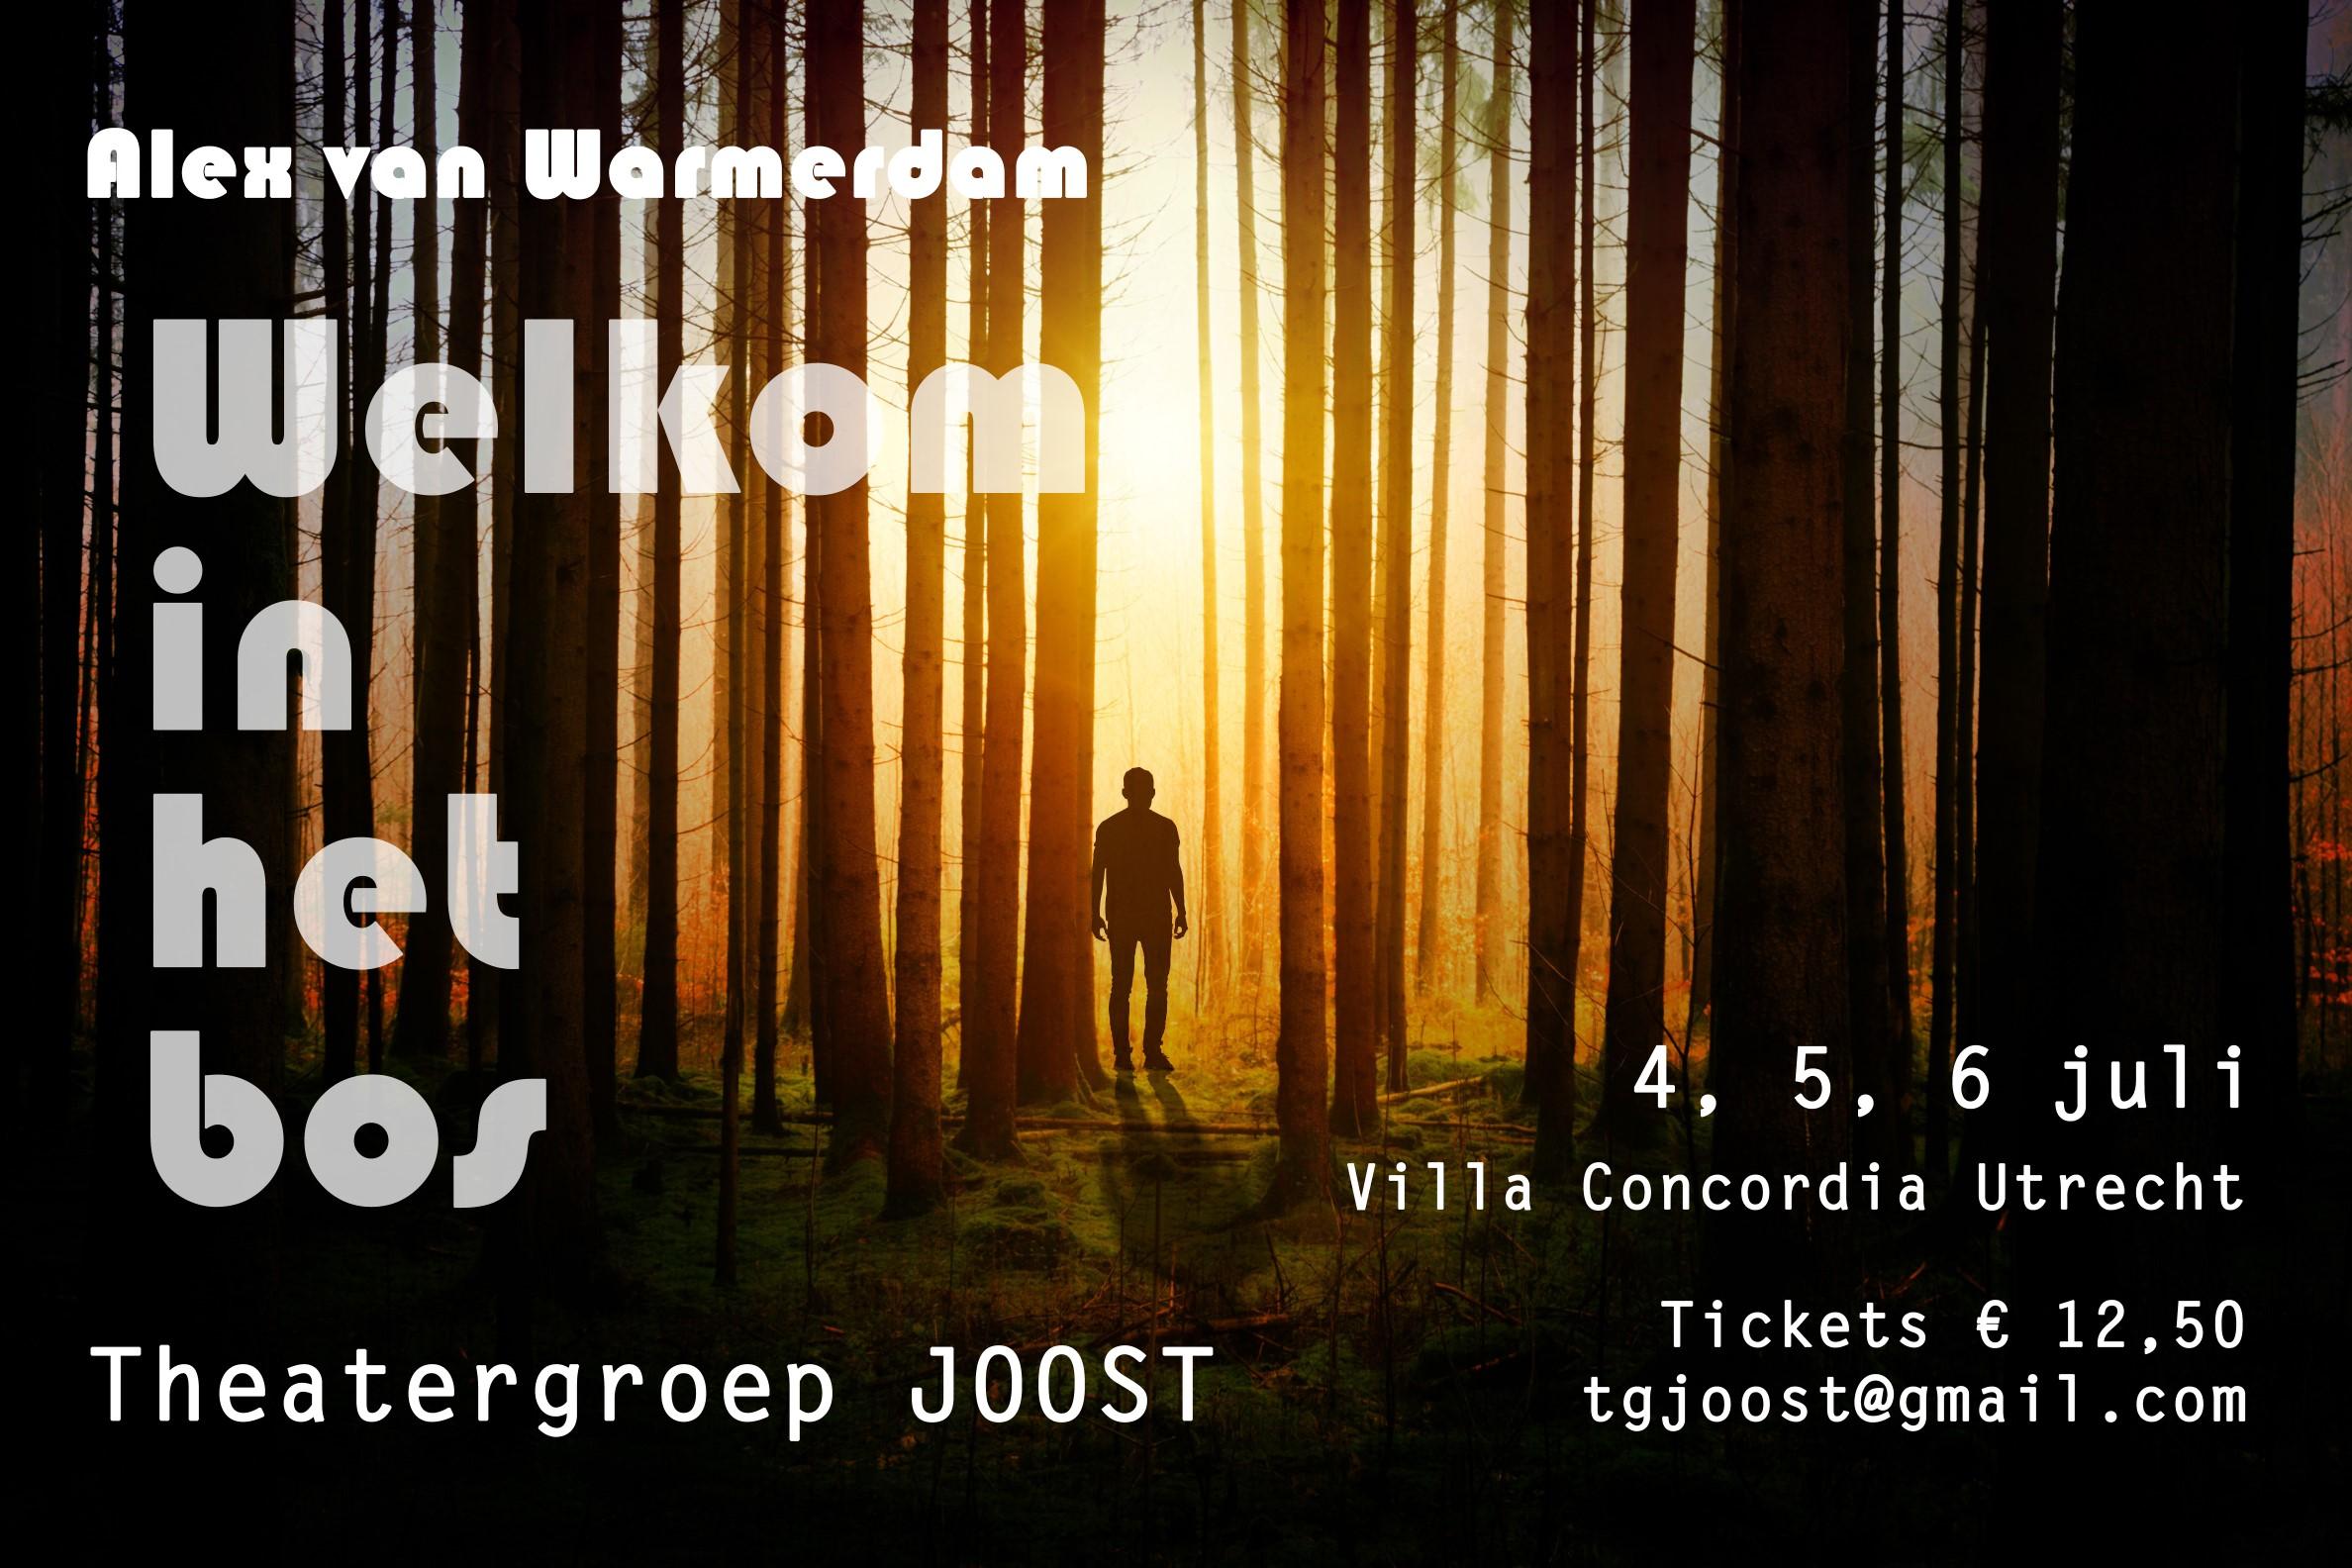 welkom_poster-1klein